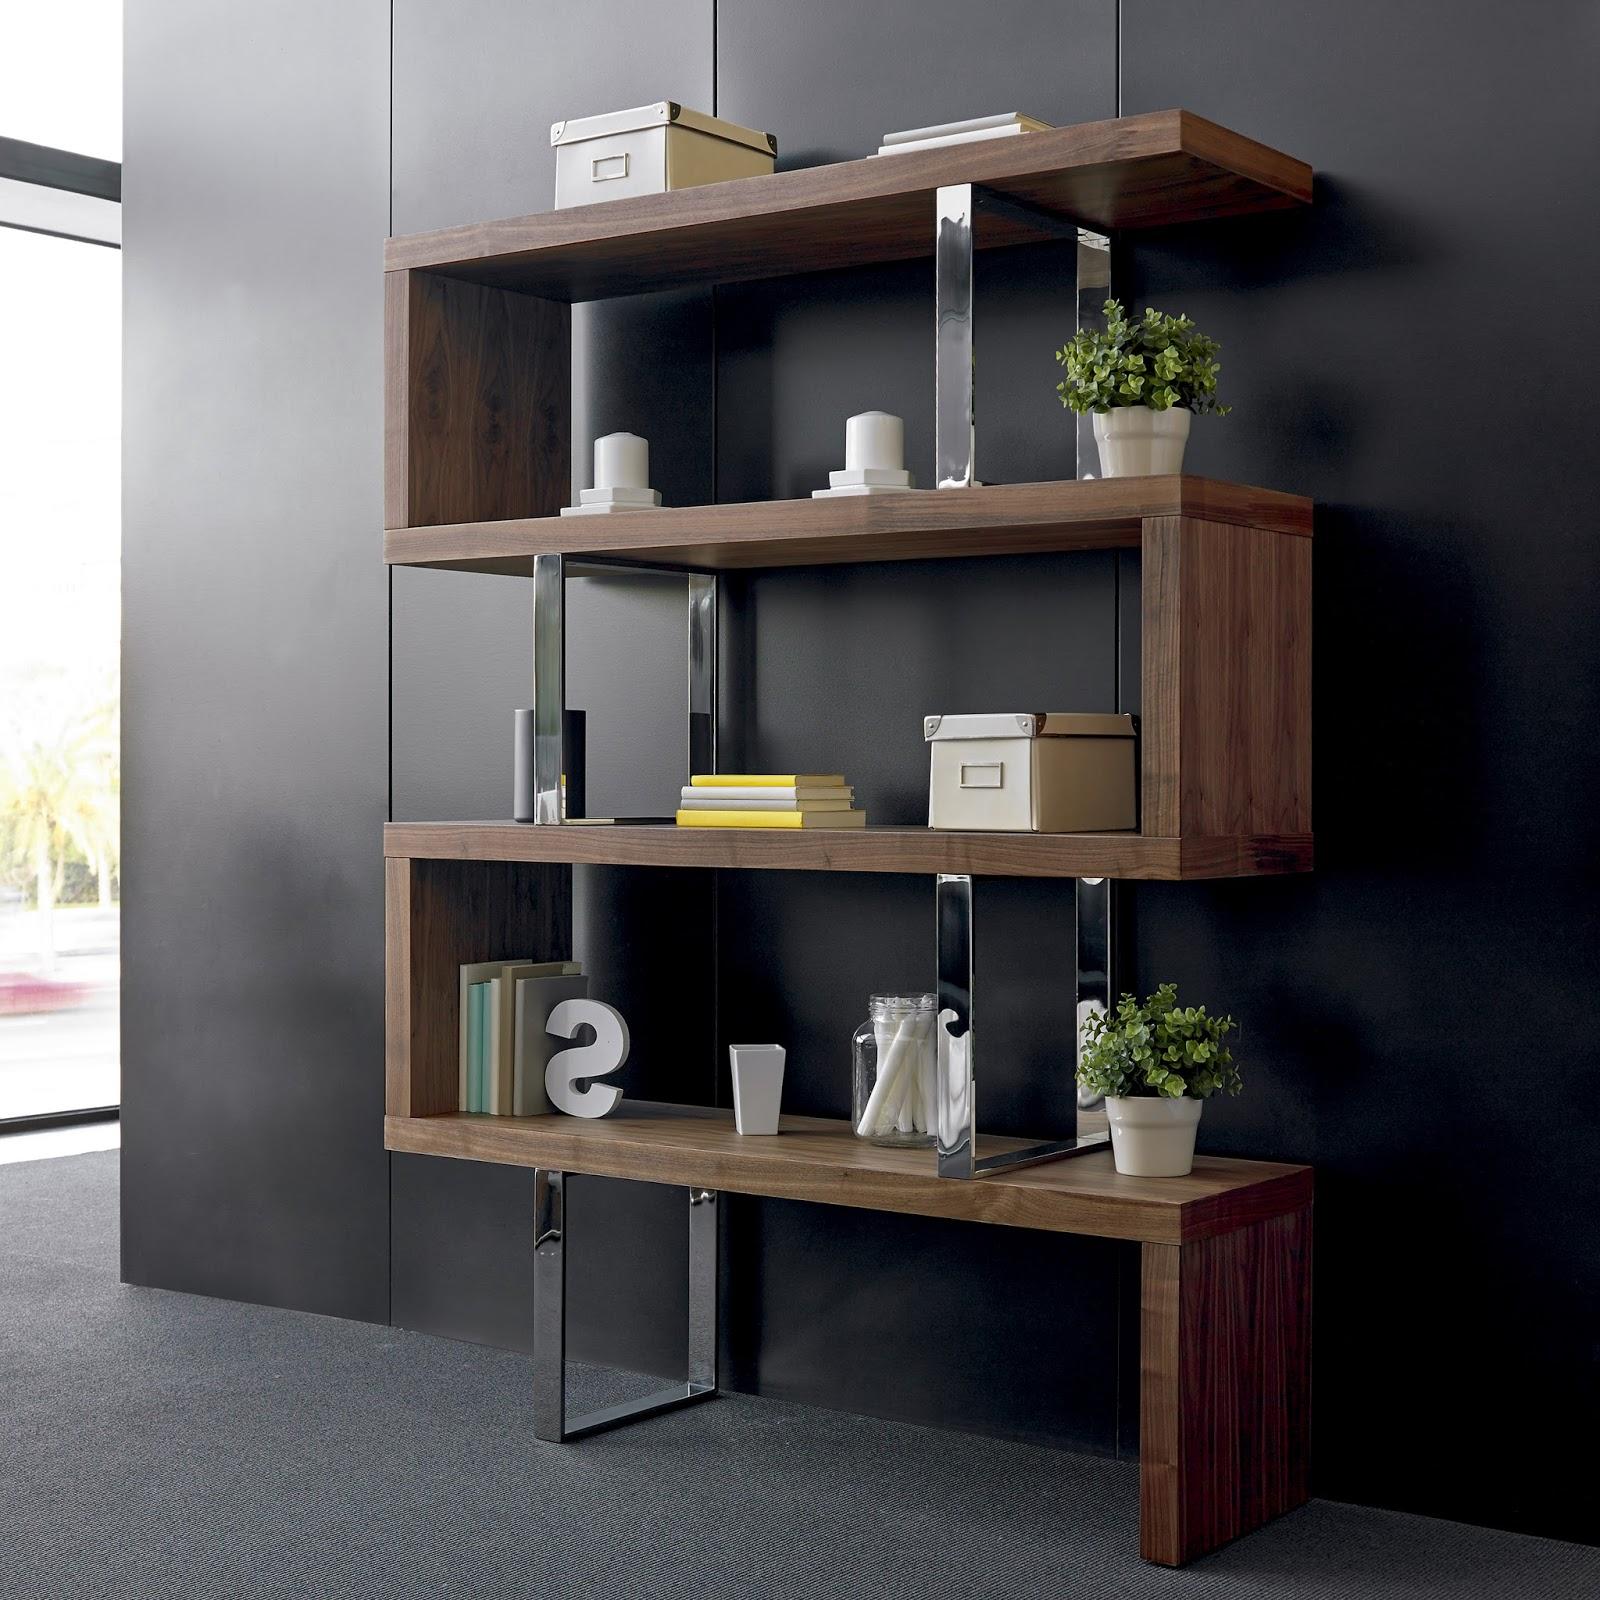 Muebles de sal n librerias para ordenar el salon for Librerias para salon